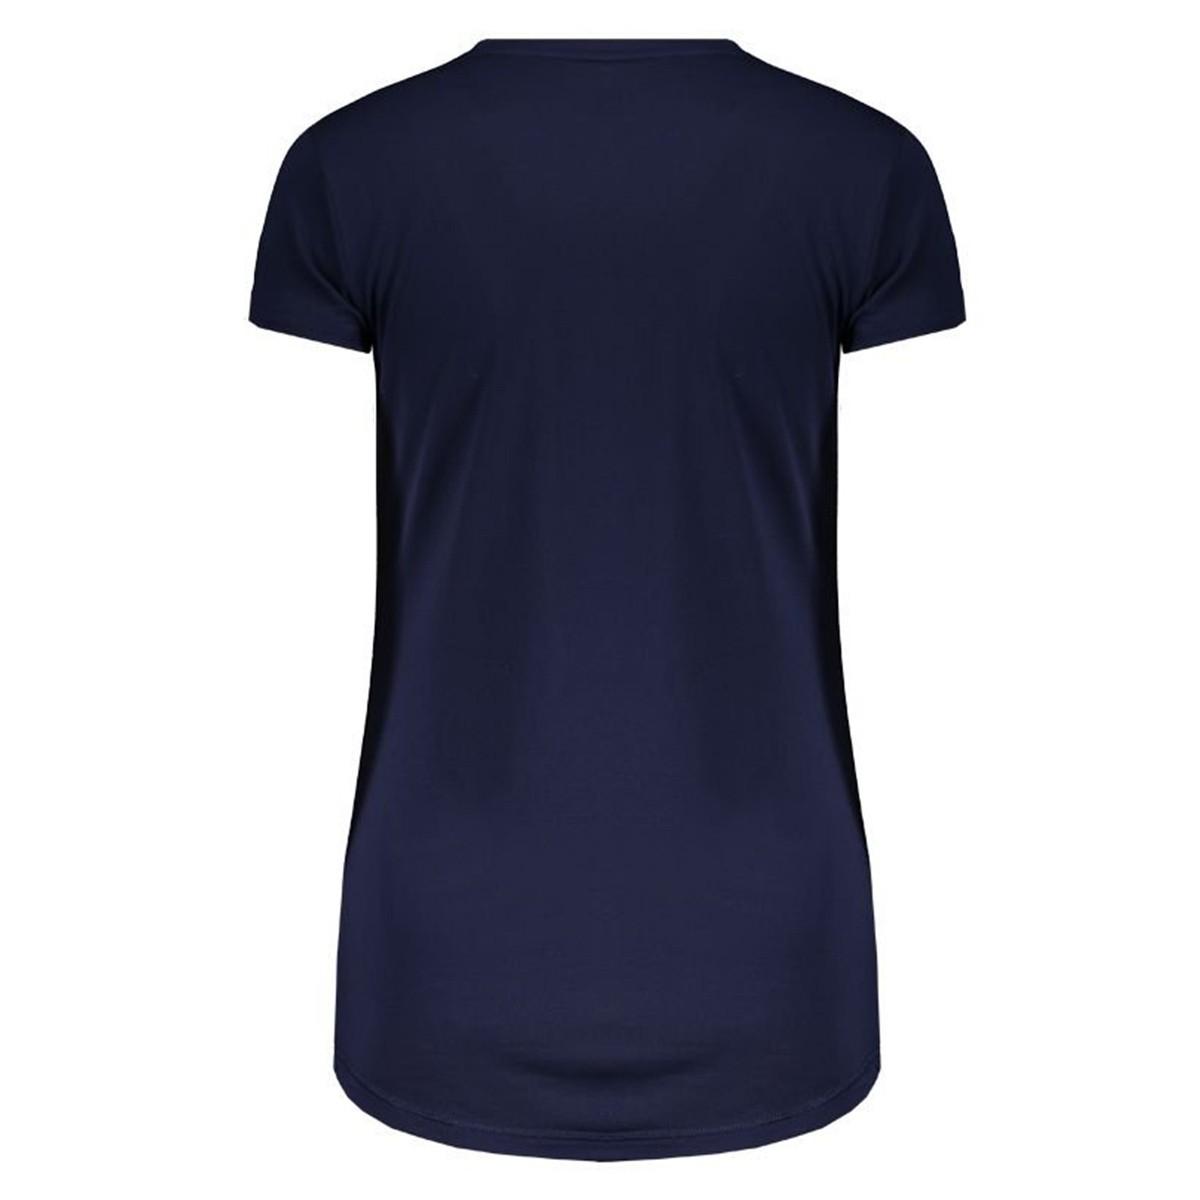 Camiseta Puma Active Tee Peacoat - Azul Marinho - Feminina